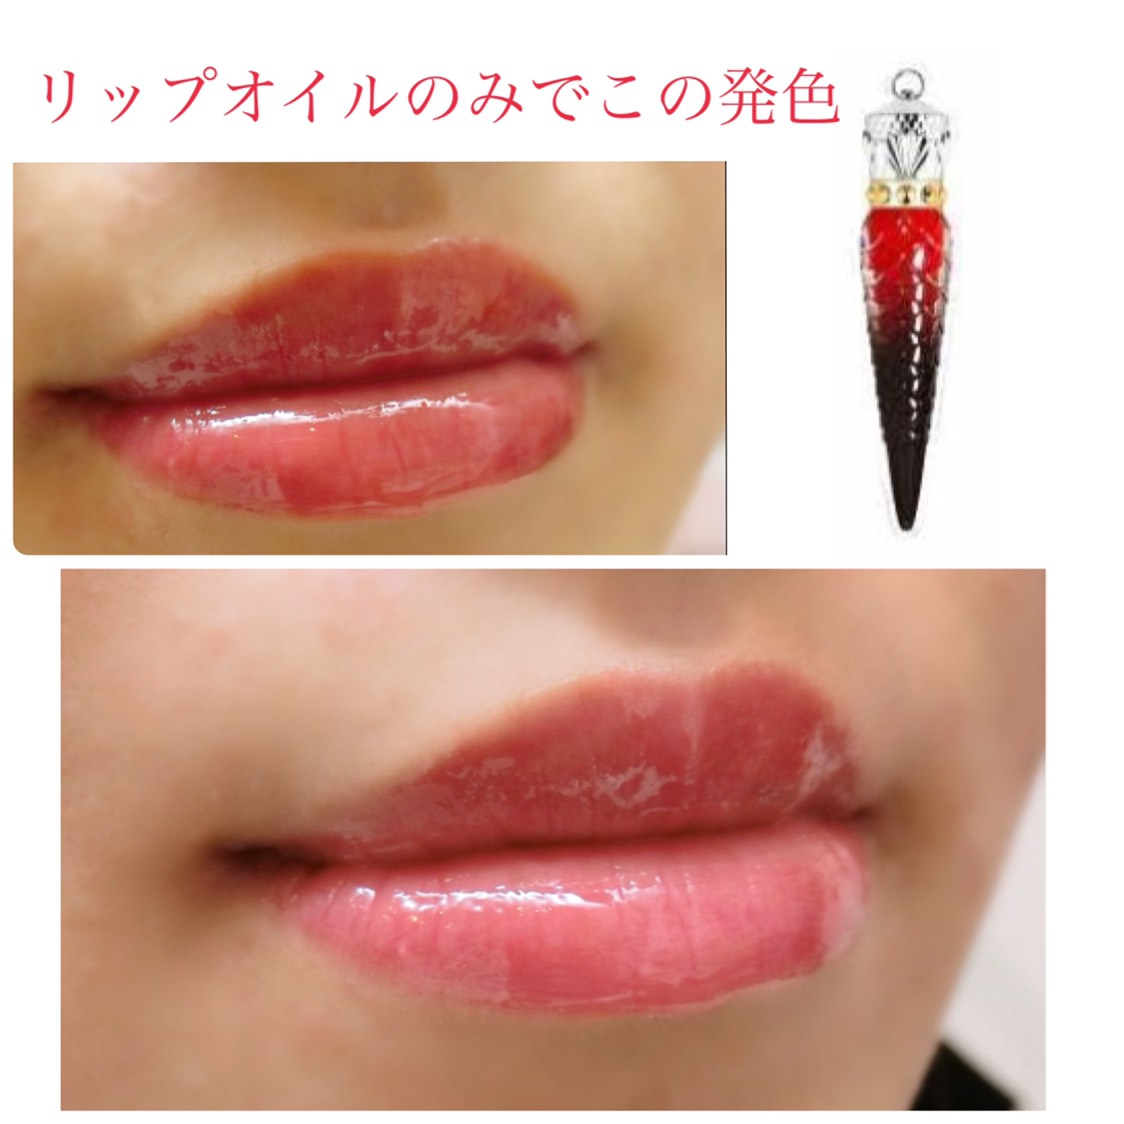 リップオイルってグロスよりも薄付きなイメージで、口紅の上から重ねて使う物だと勝手に思い込んでいました。 でもこのリップオイルはこれ単体だけでオシャレで艶々で強そうな唇になります